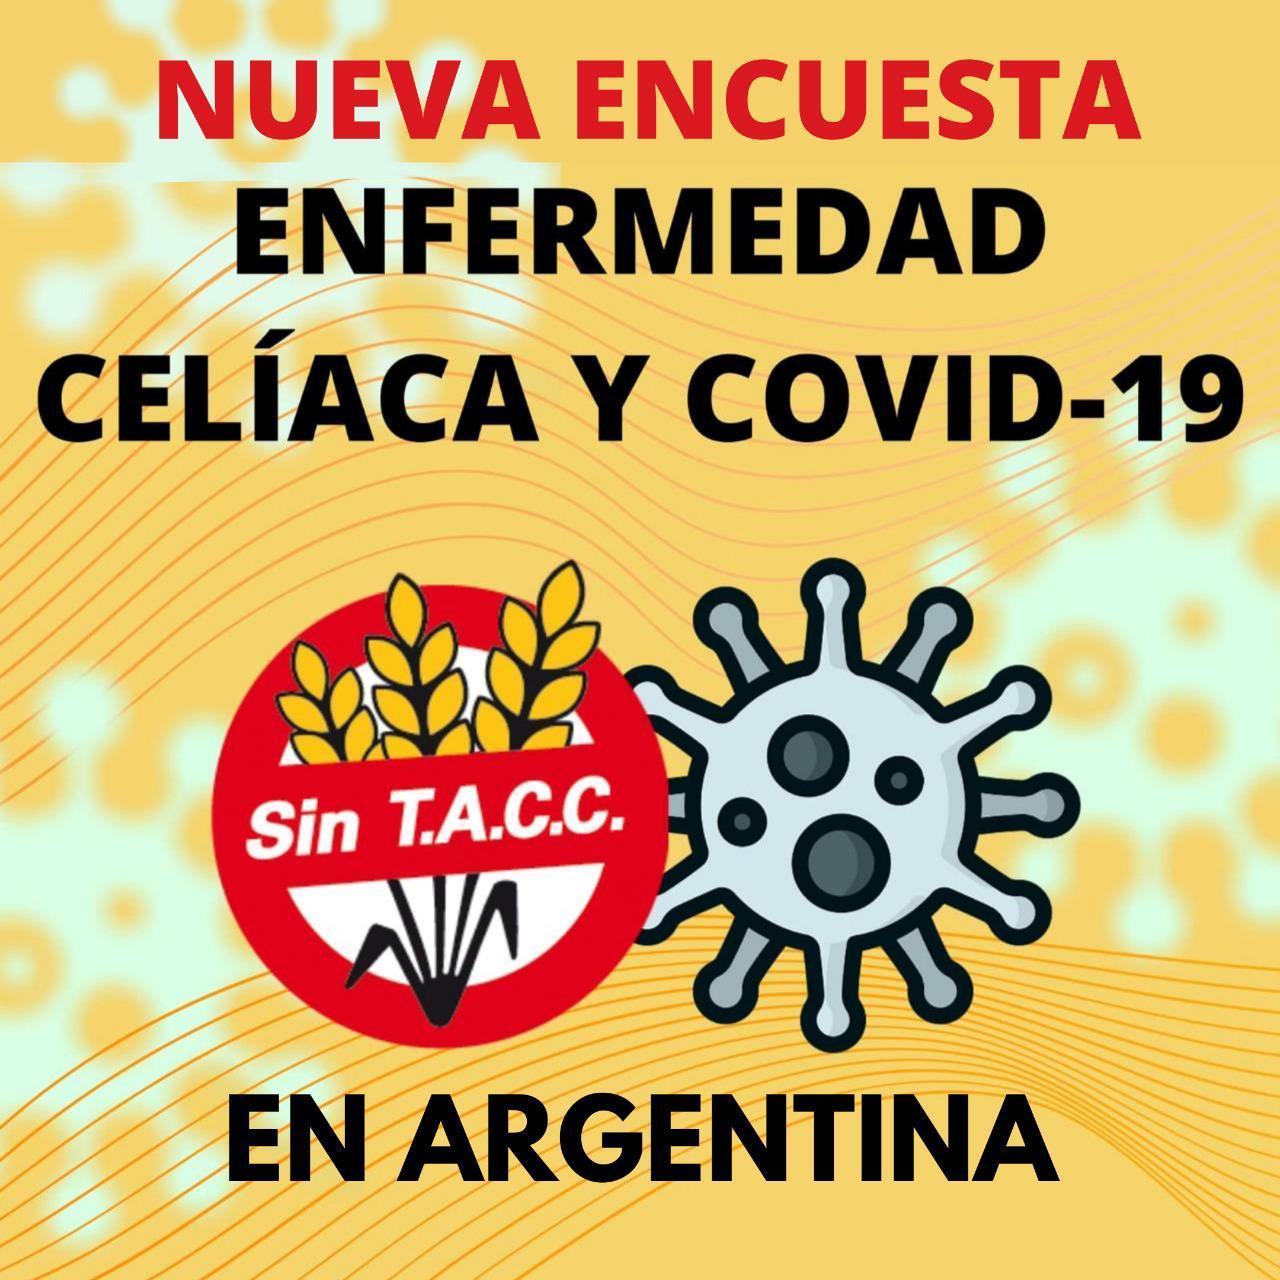 Nueva Encuesta  Enfermedad Celíaca y COVID-19 en Argentina  Para celíacos y NO celíacos